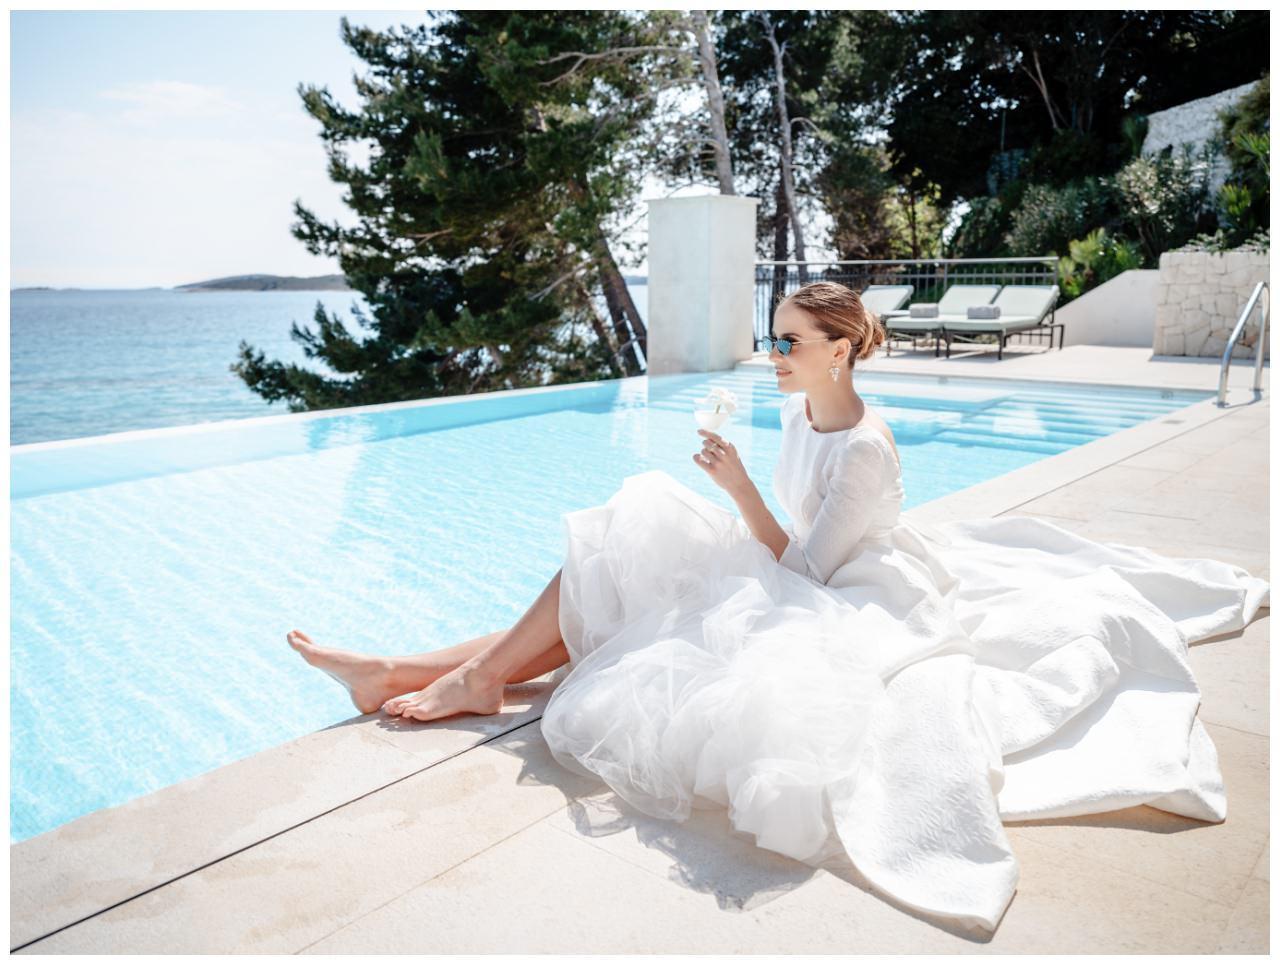 Hochzeit Kroatien Hochzeitsplanung Hochzeitsplaner Fotograf 1 - Luxuriöse Hochzeit in Weiß